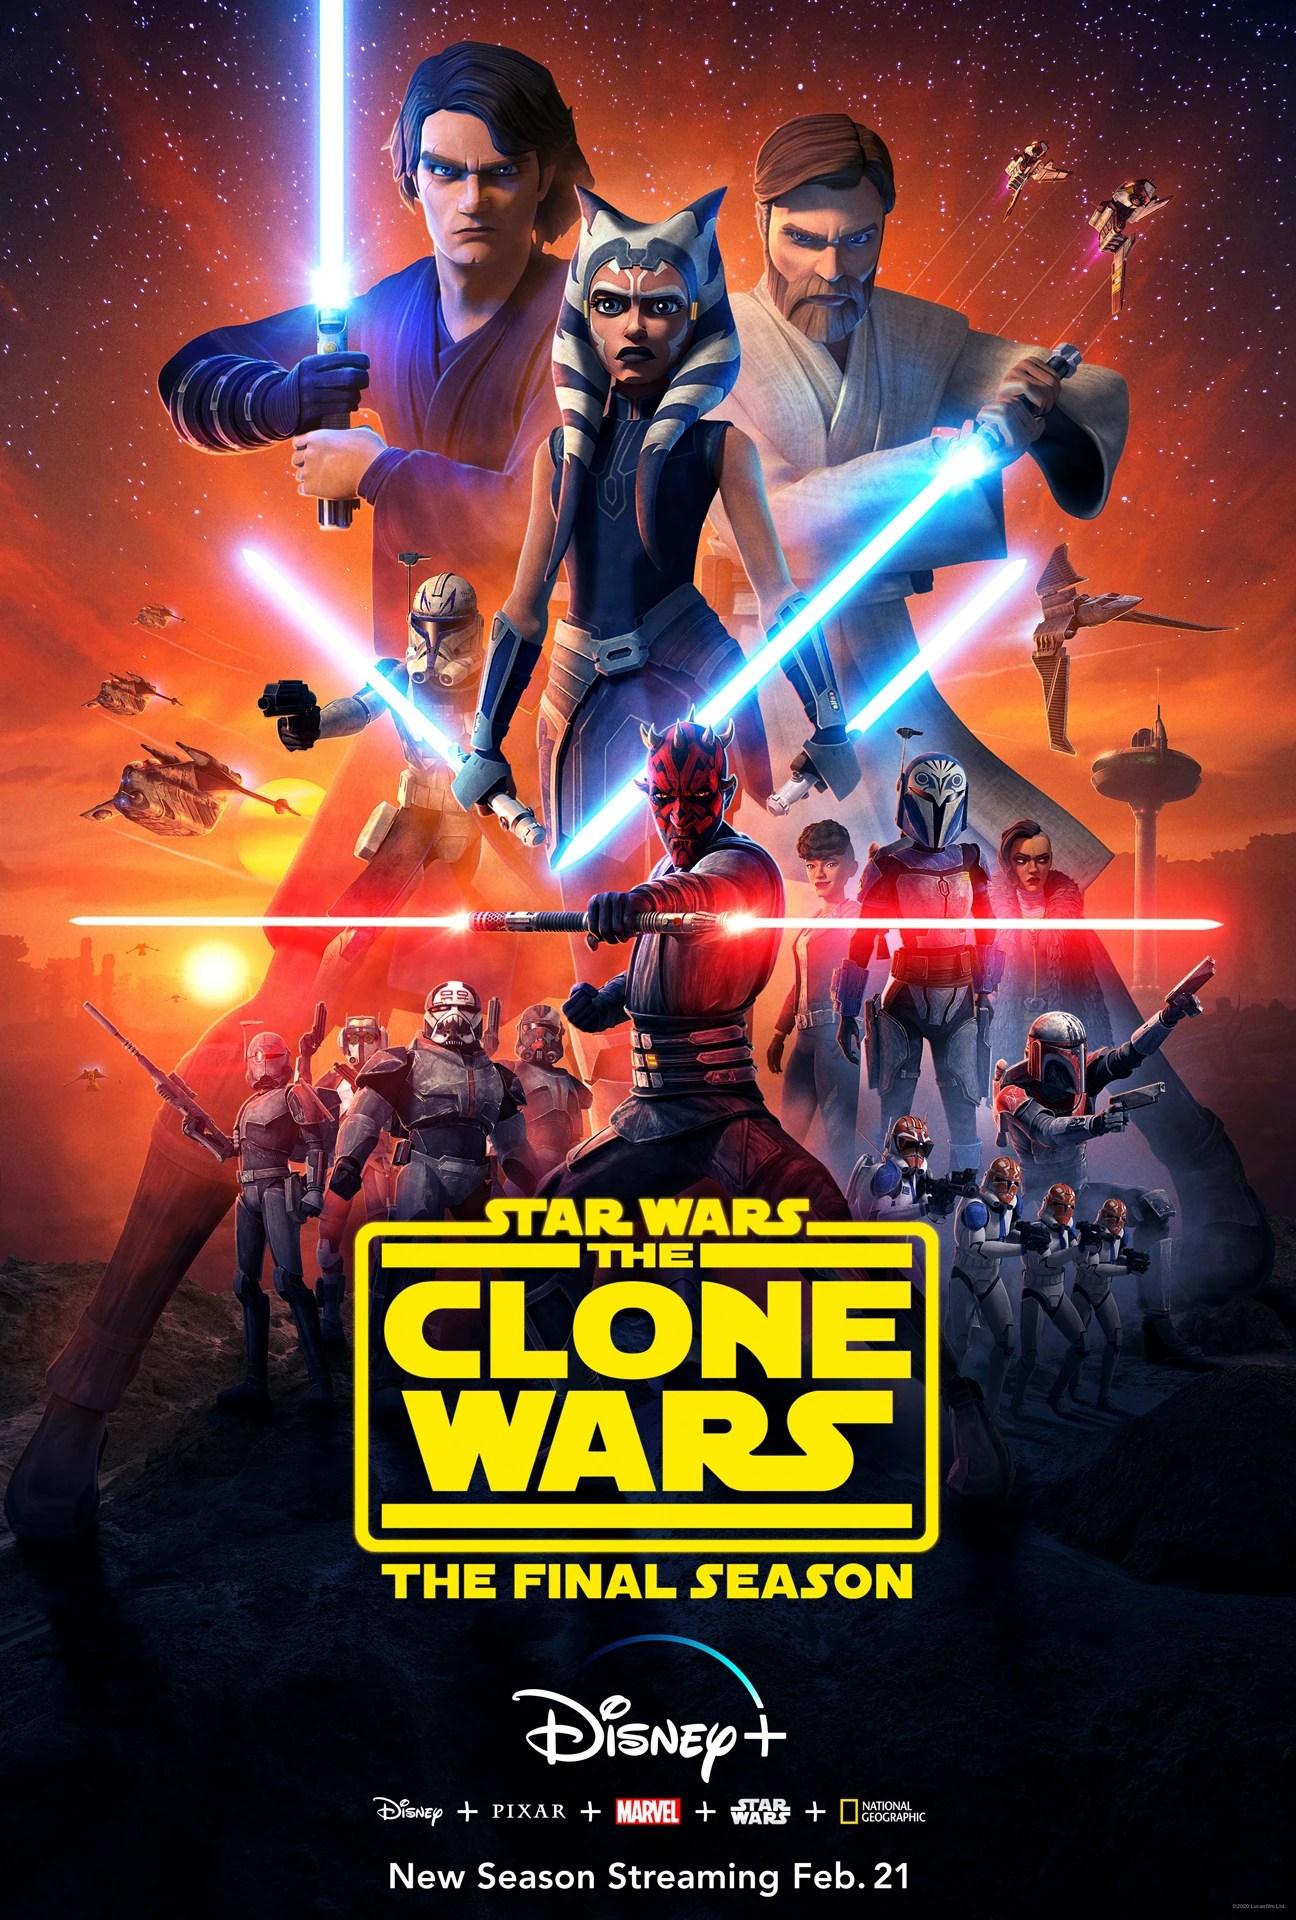 Star Wars L'attaque Des Clones Vf Hd : l'attaque, clones, Saison, Wars:, Clone, Fandom